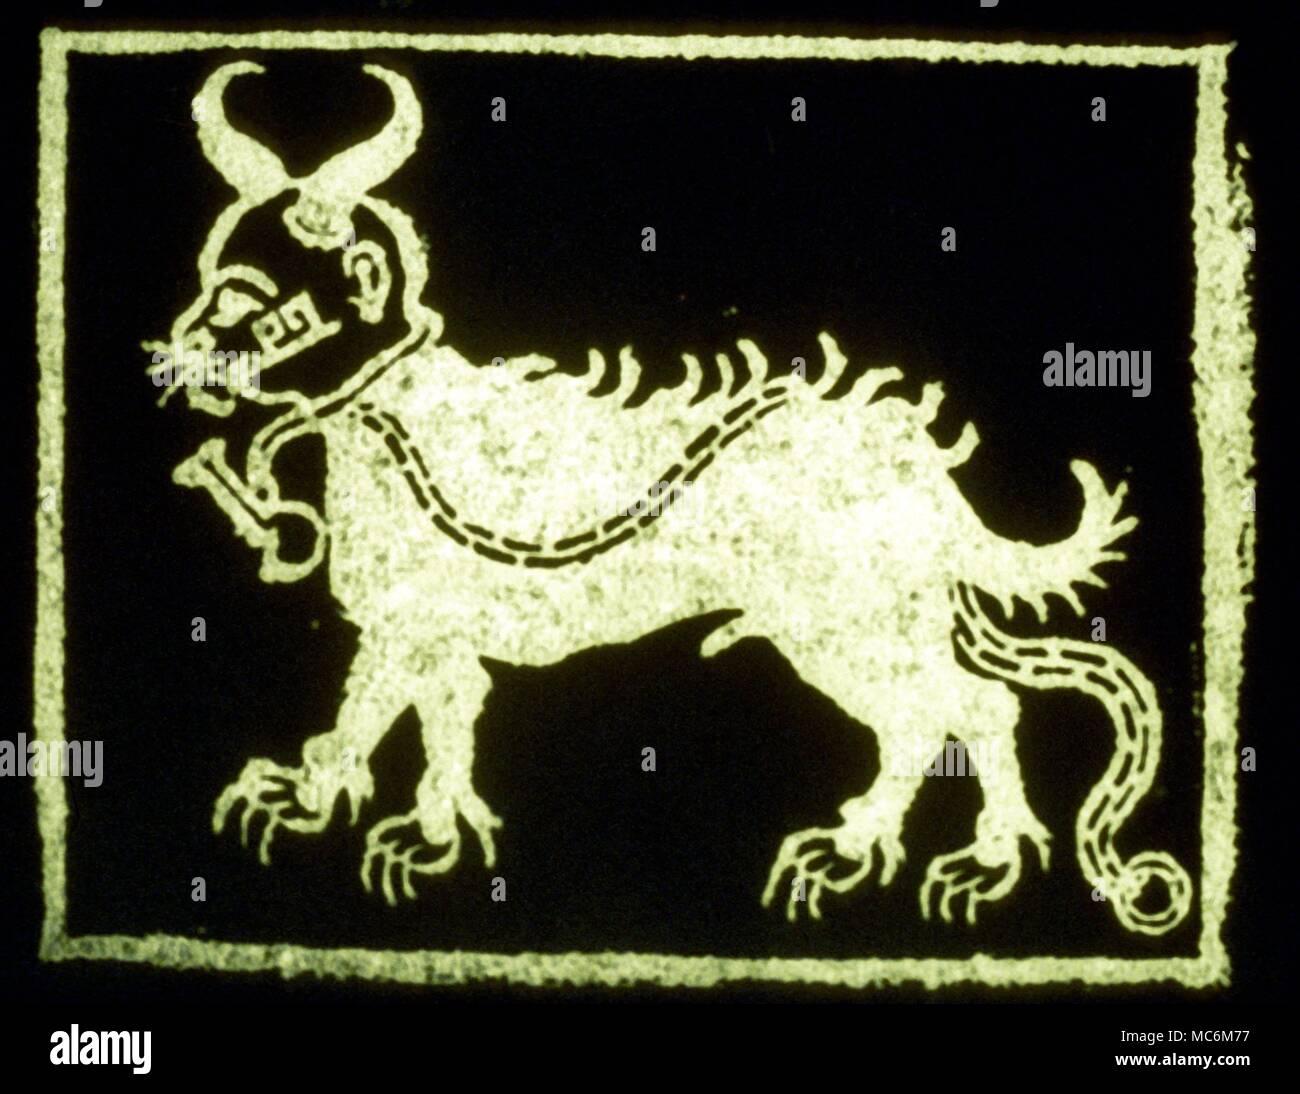 Ghostly Dogs - Devil Dog  Devil Dog - woodcut illustration